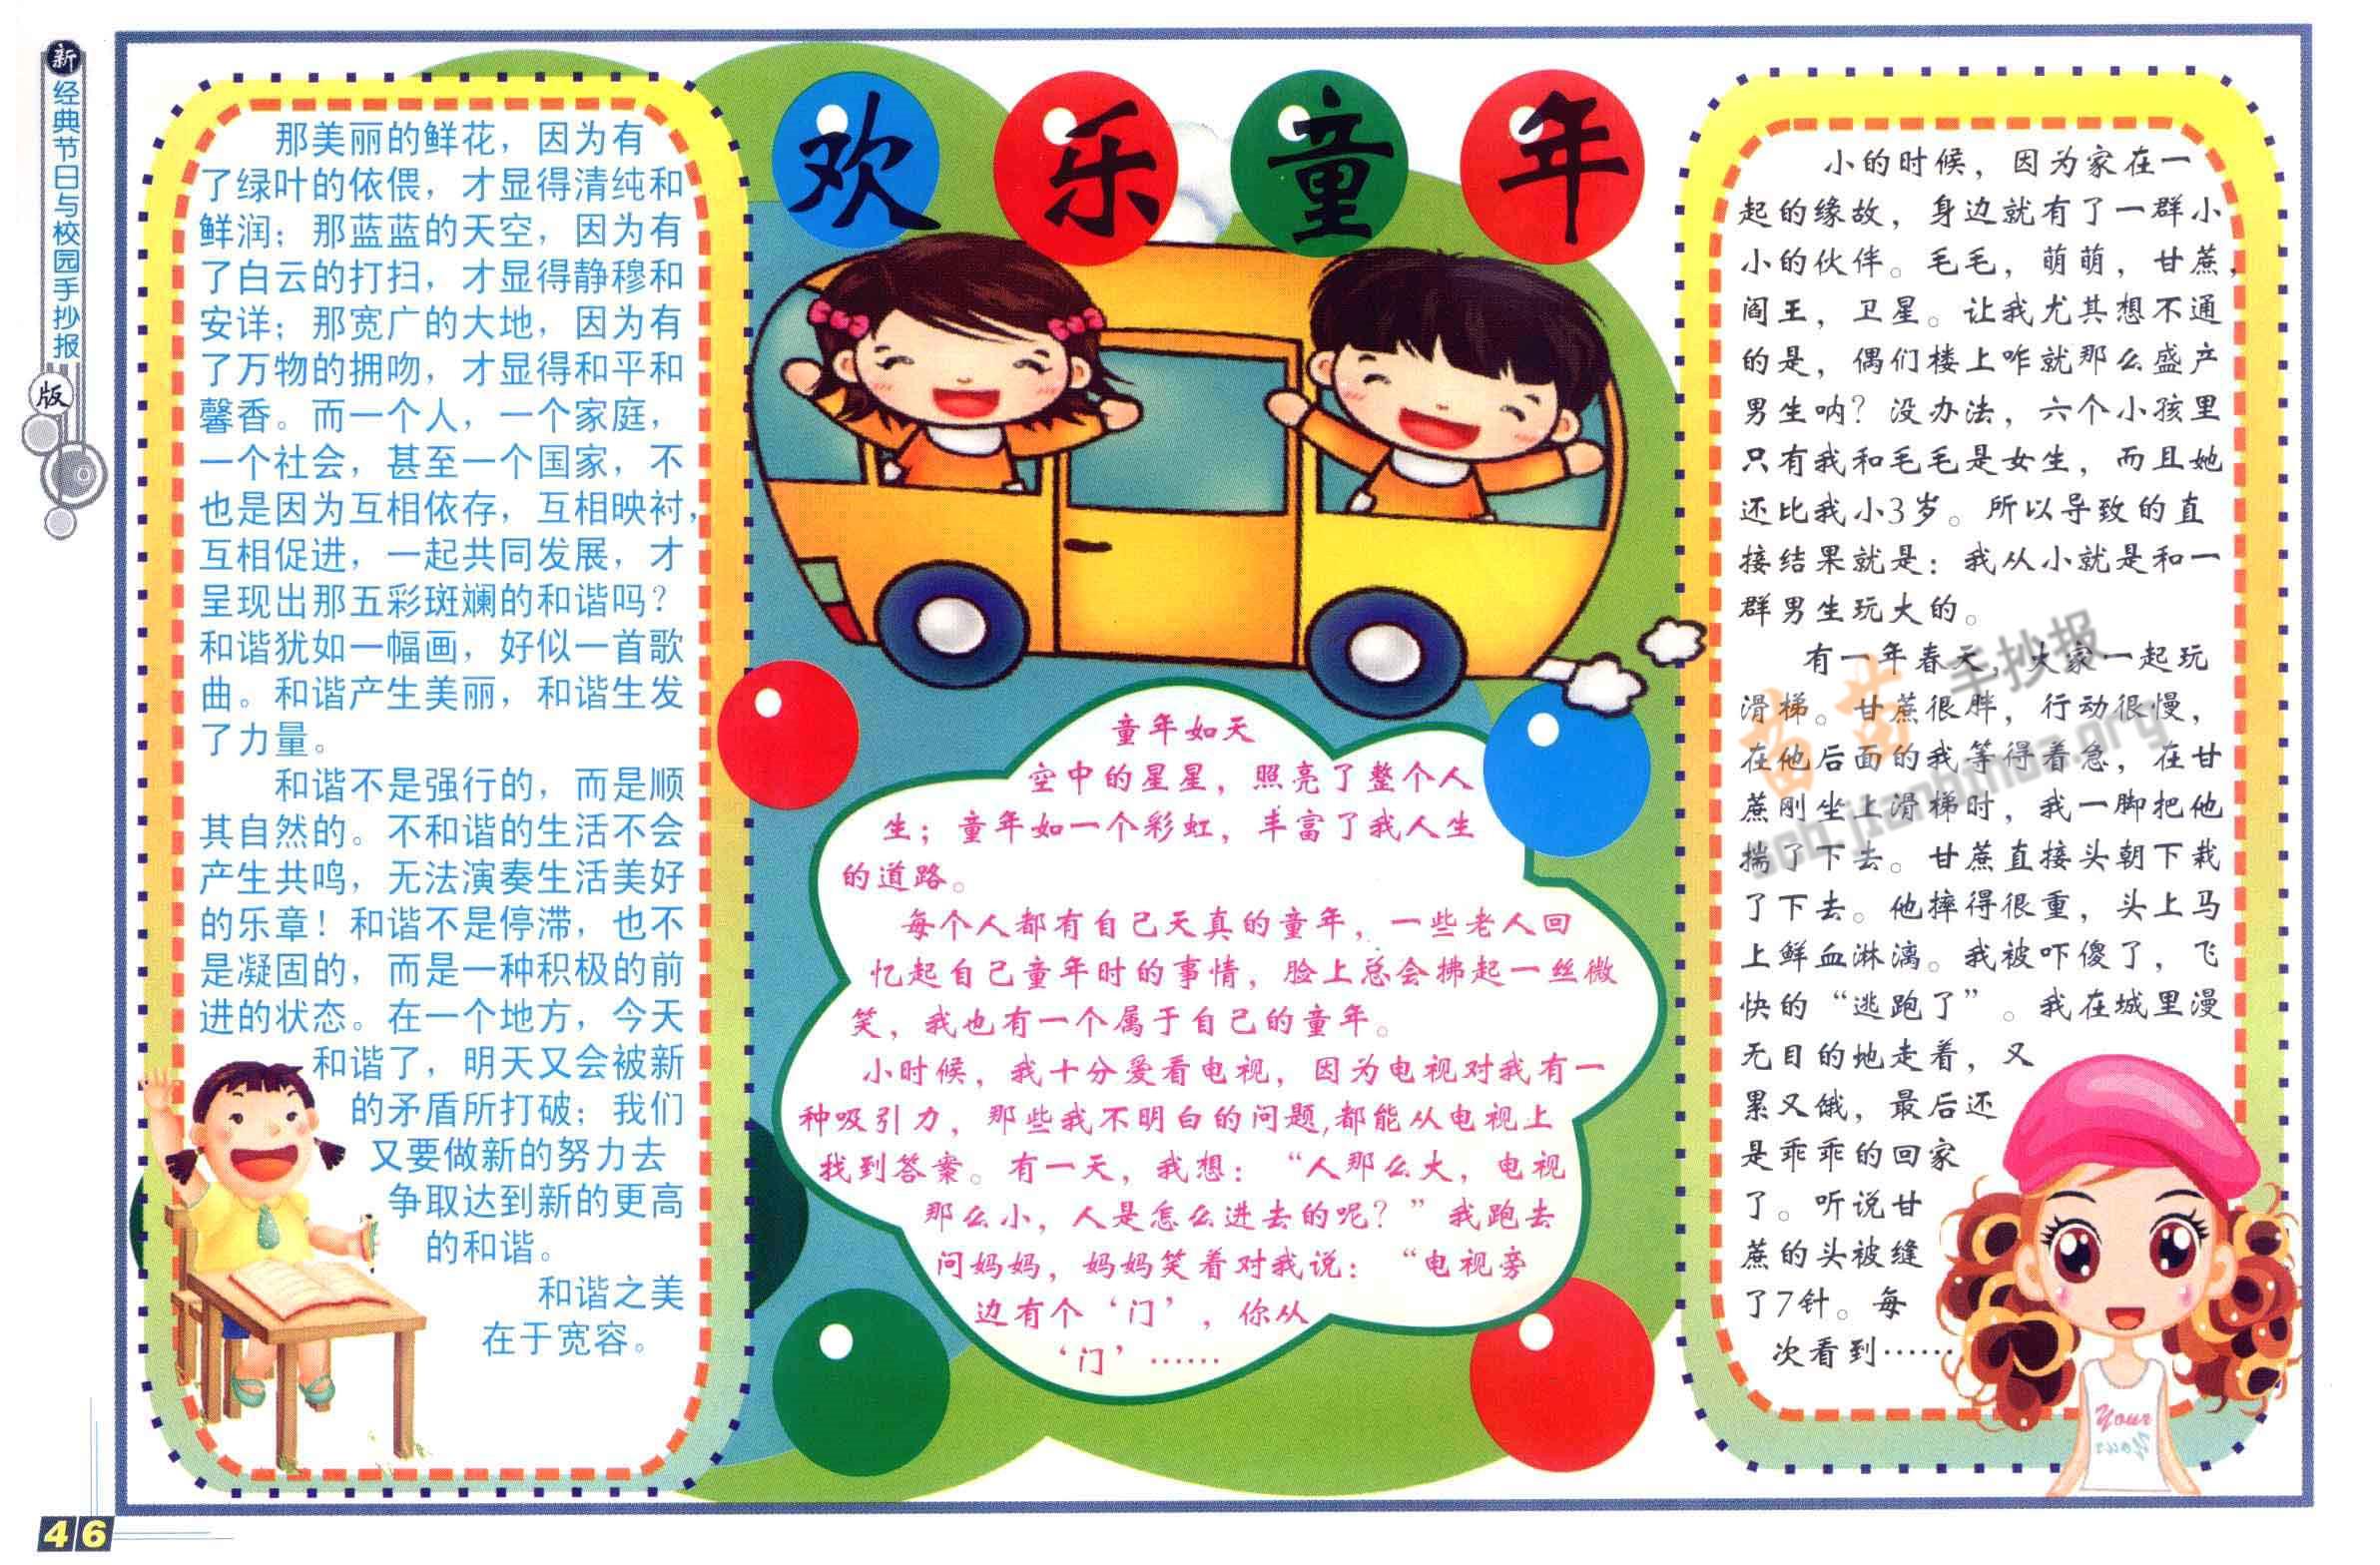 欢乐童年手抄报简单又漂亮图片、内容